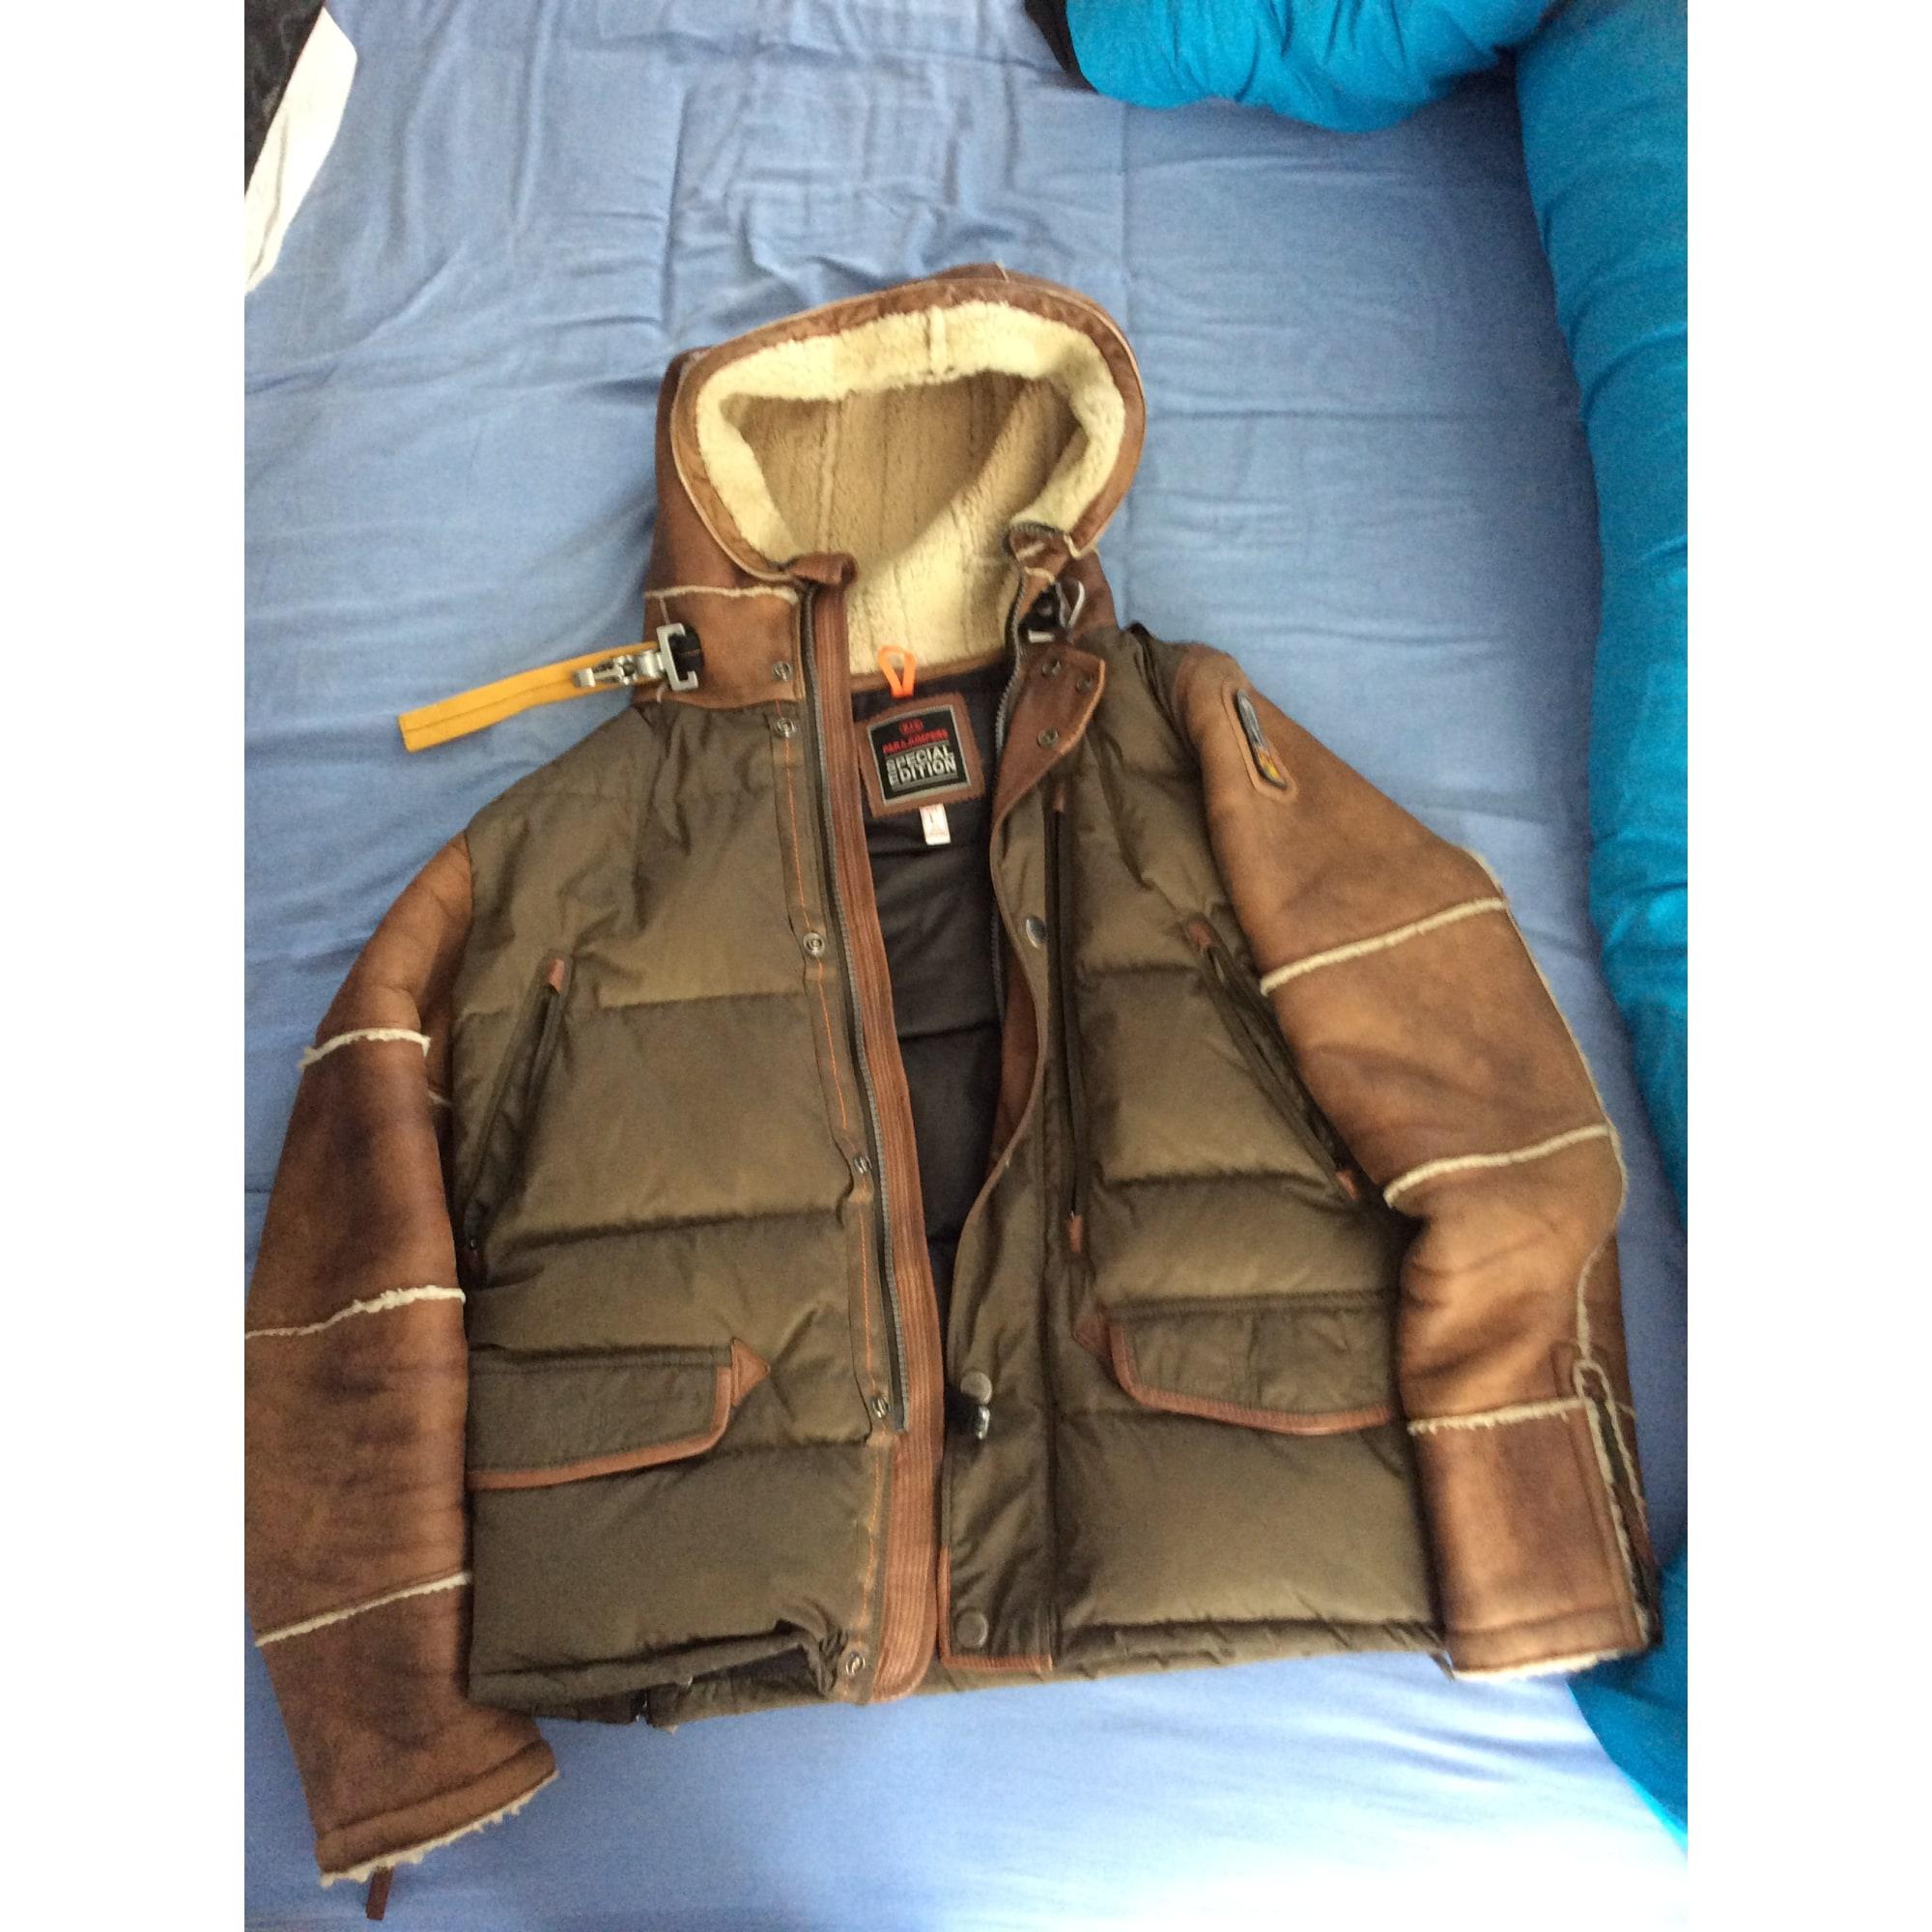 en 6364599 cuir vendu PARAJUMPERS Alterya 54 Manteau L beige CCgS1tq par qXxt1wfH